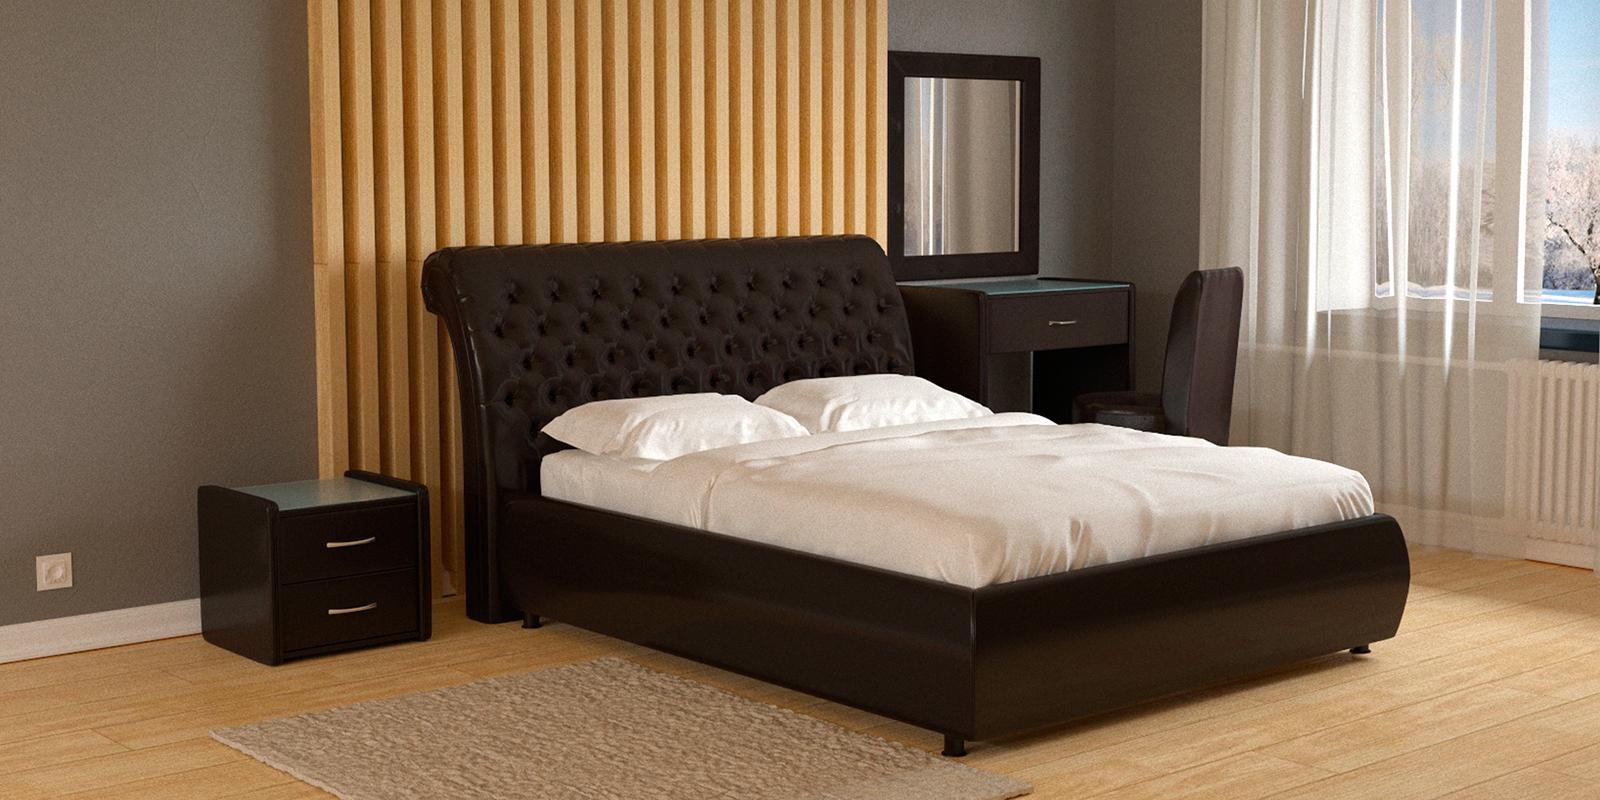 Мягкая кровать 200х160 Малибу вариант №6 с ортопедическим основанием (Шоколад)